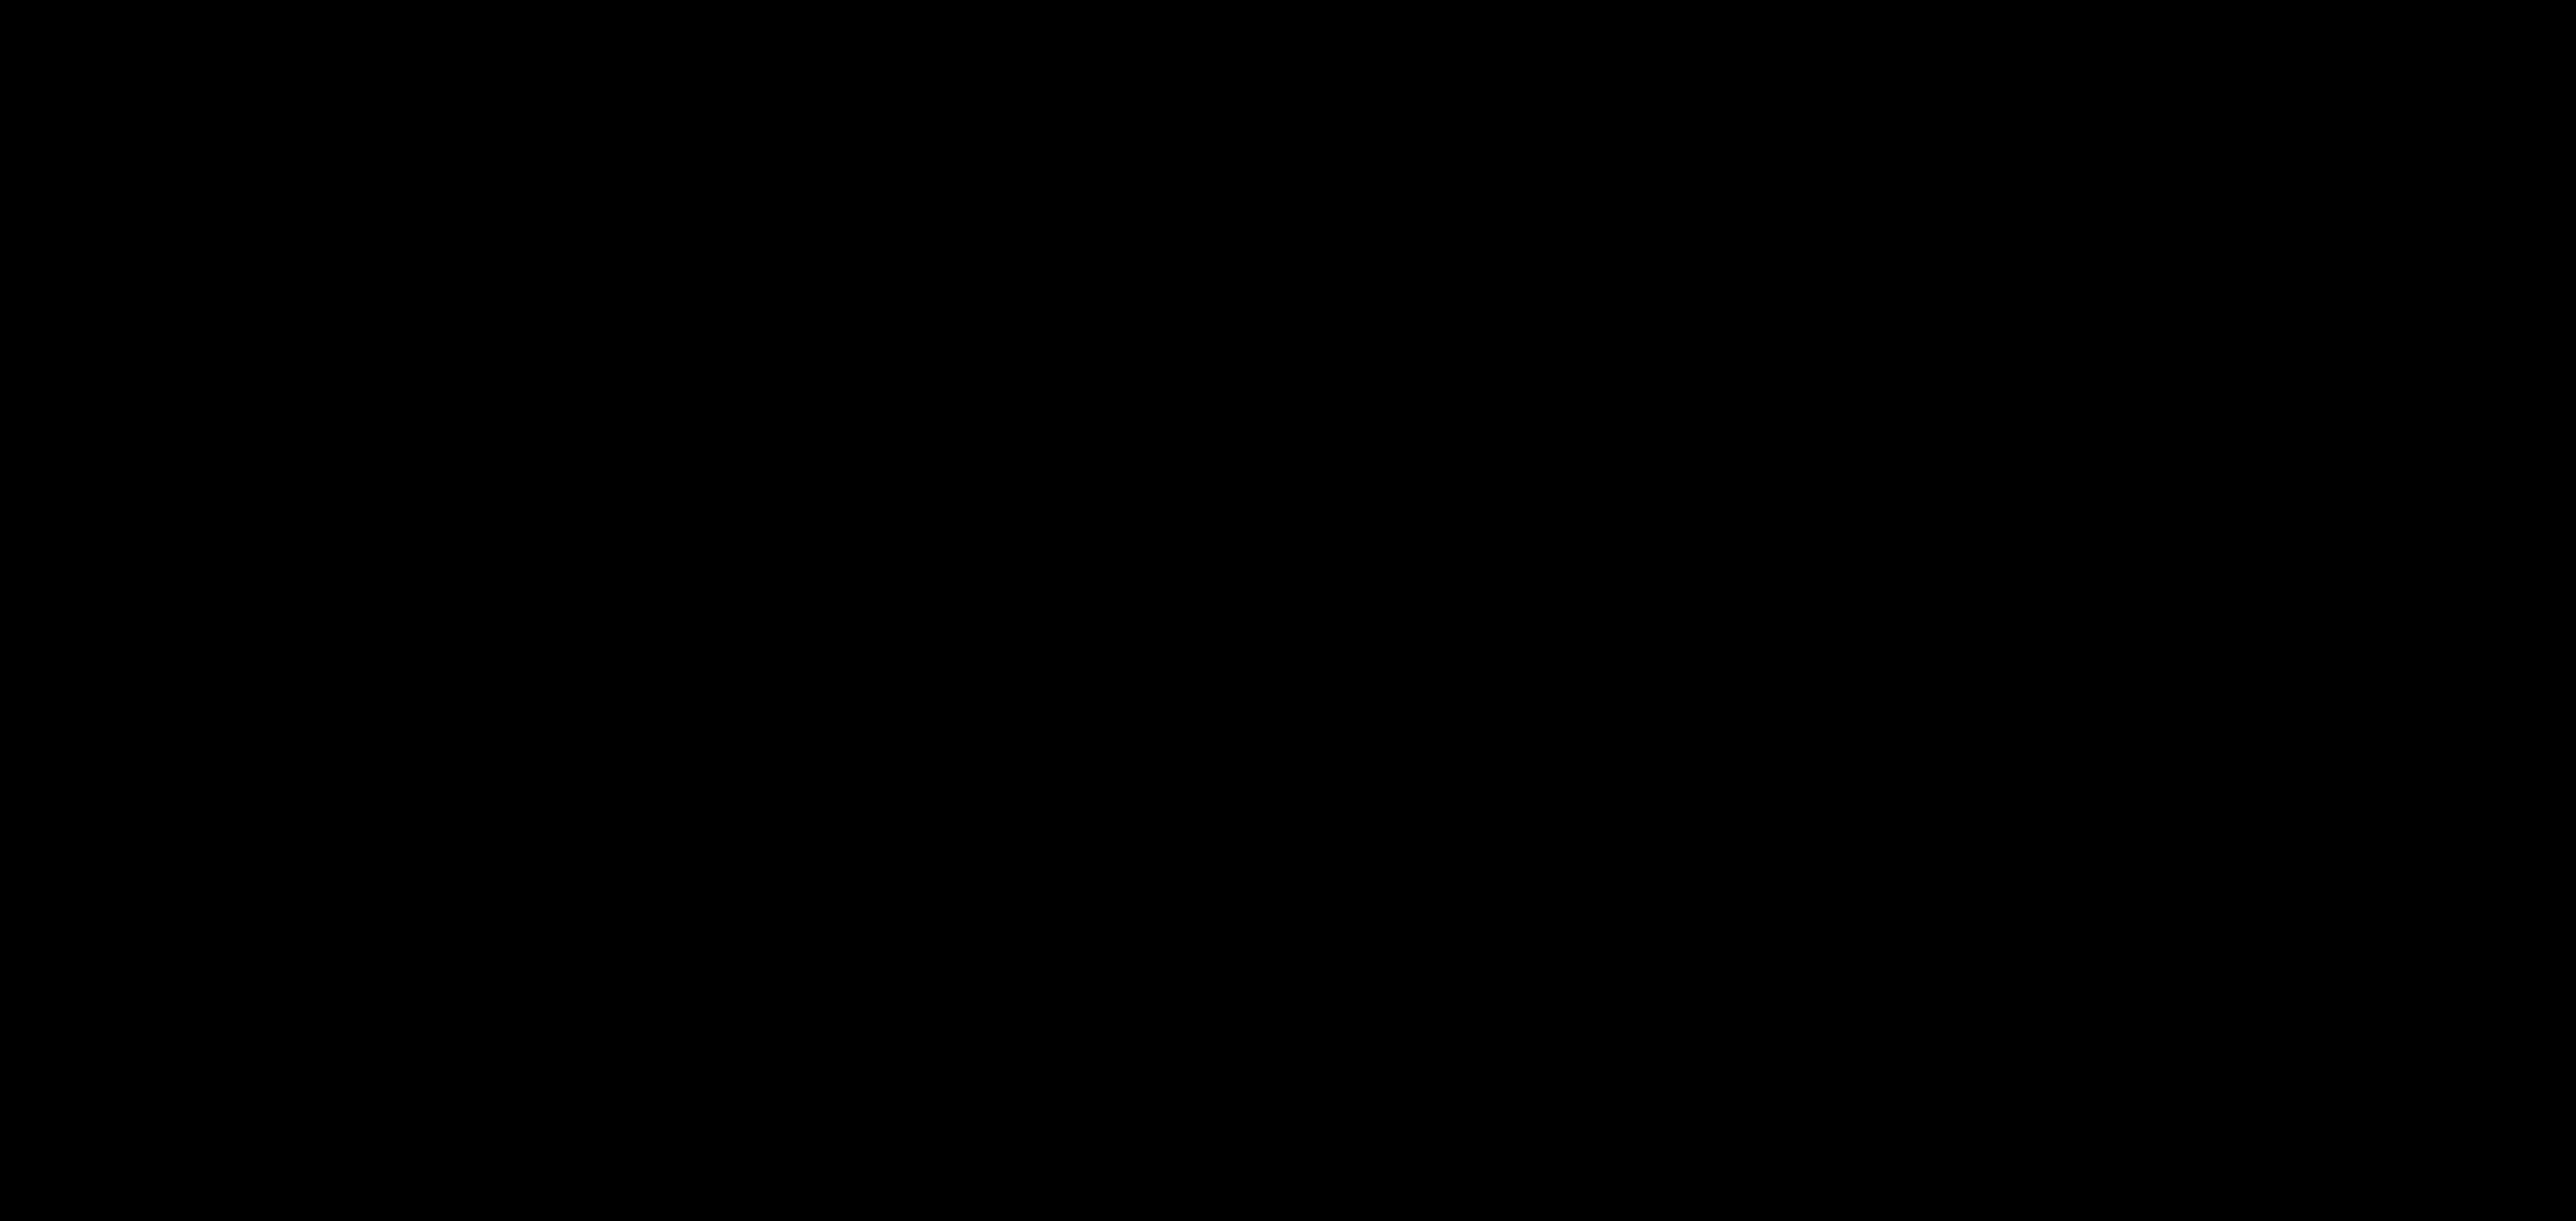 PiPiLOTTA - Das Frauenurinal ermöglicht pinkeln im stehen